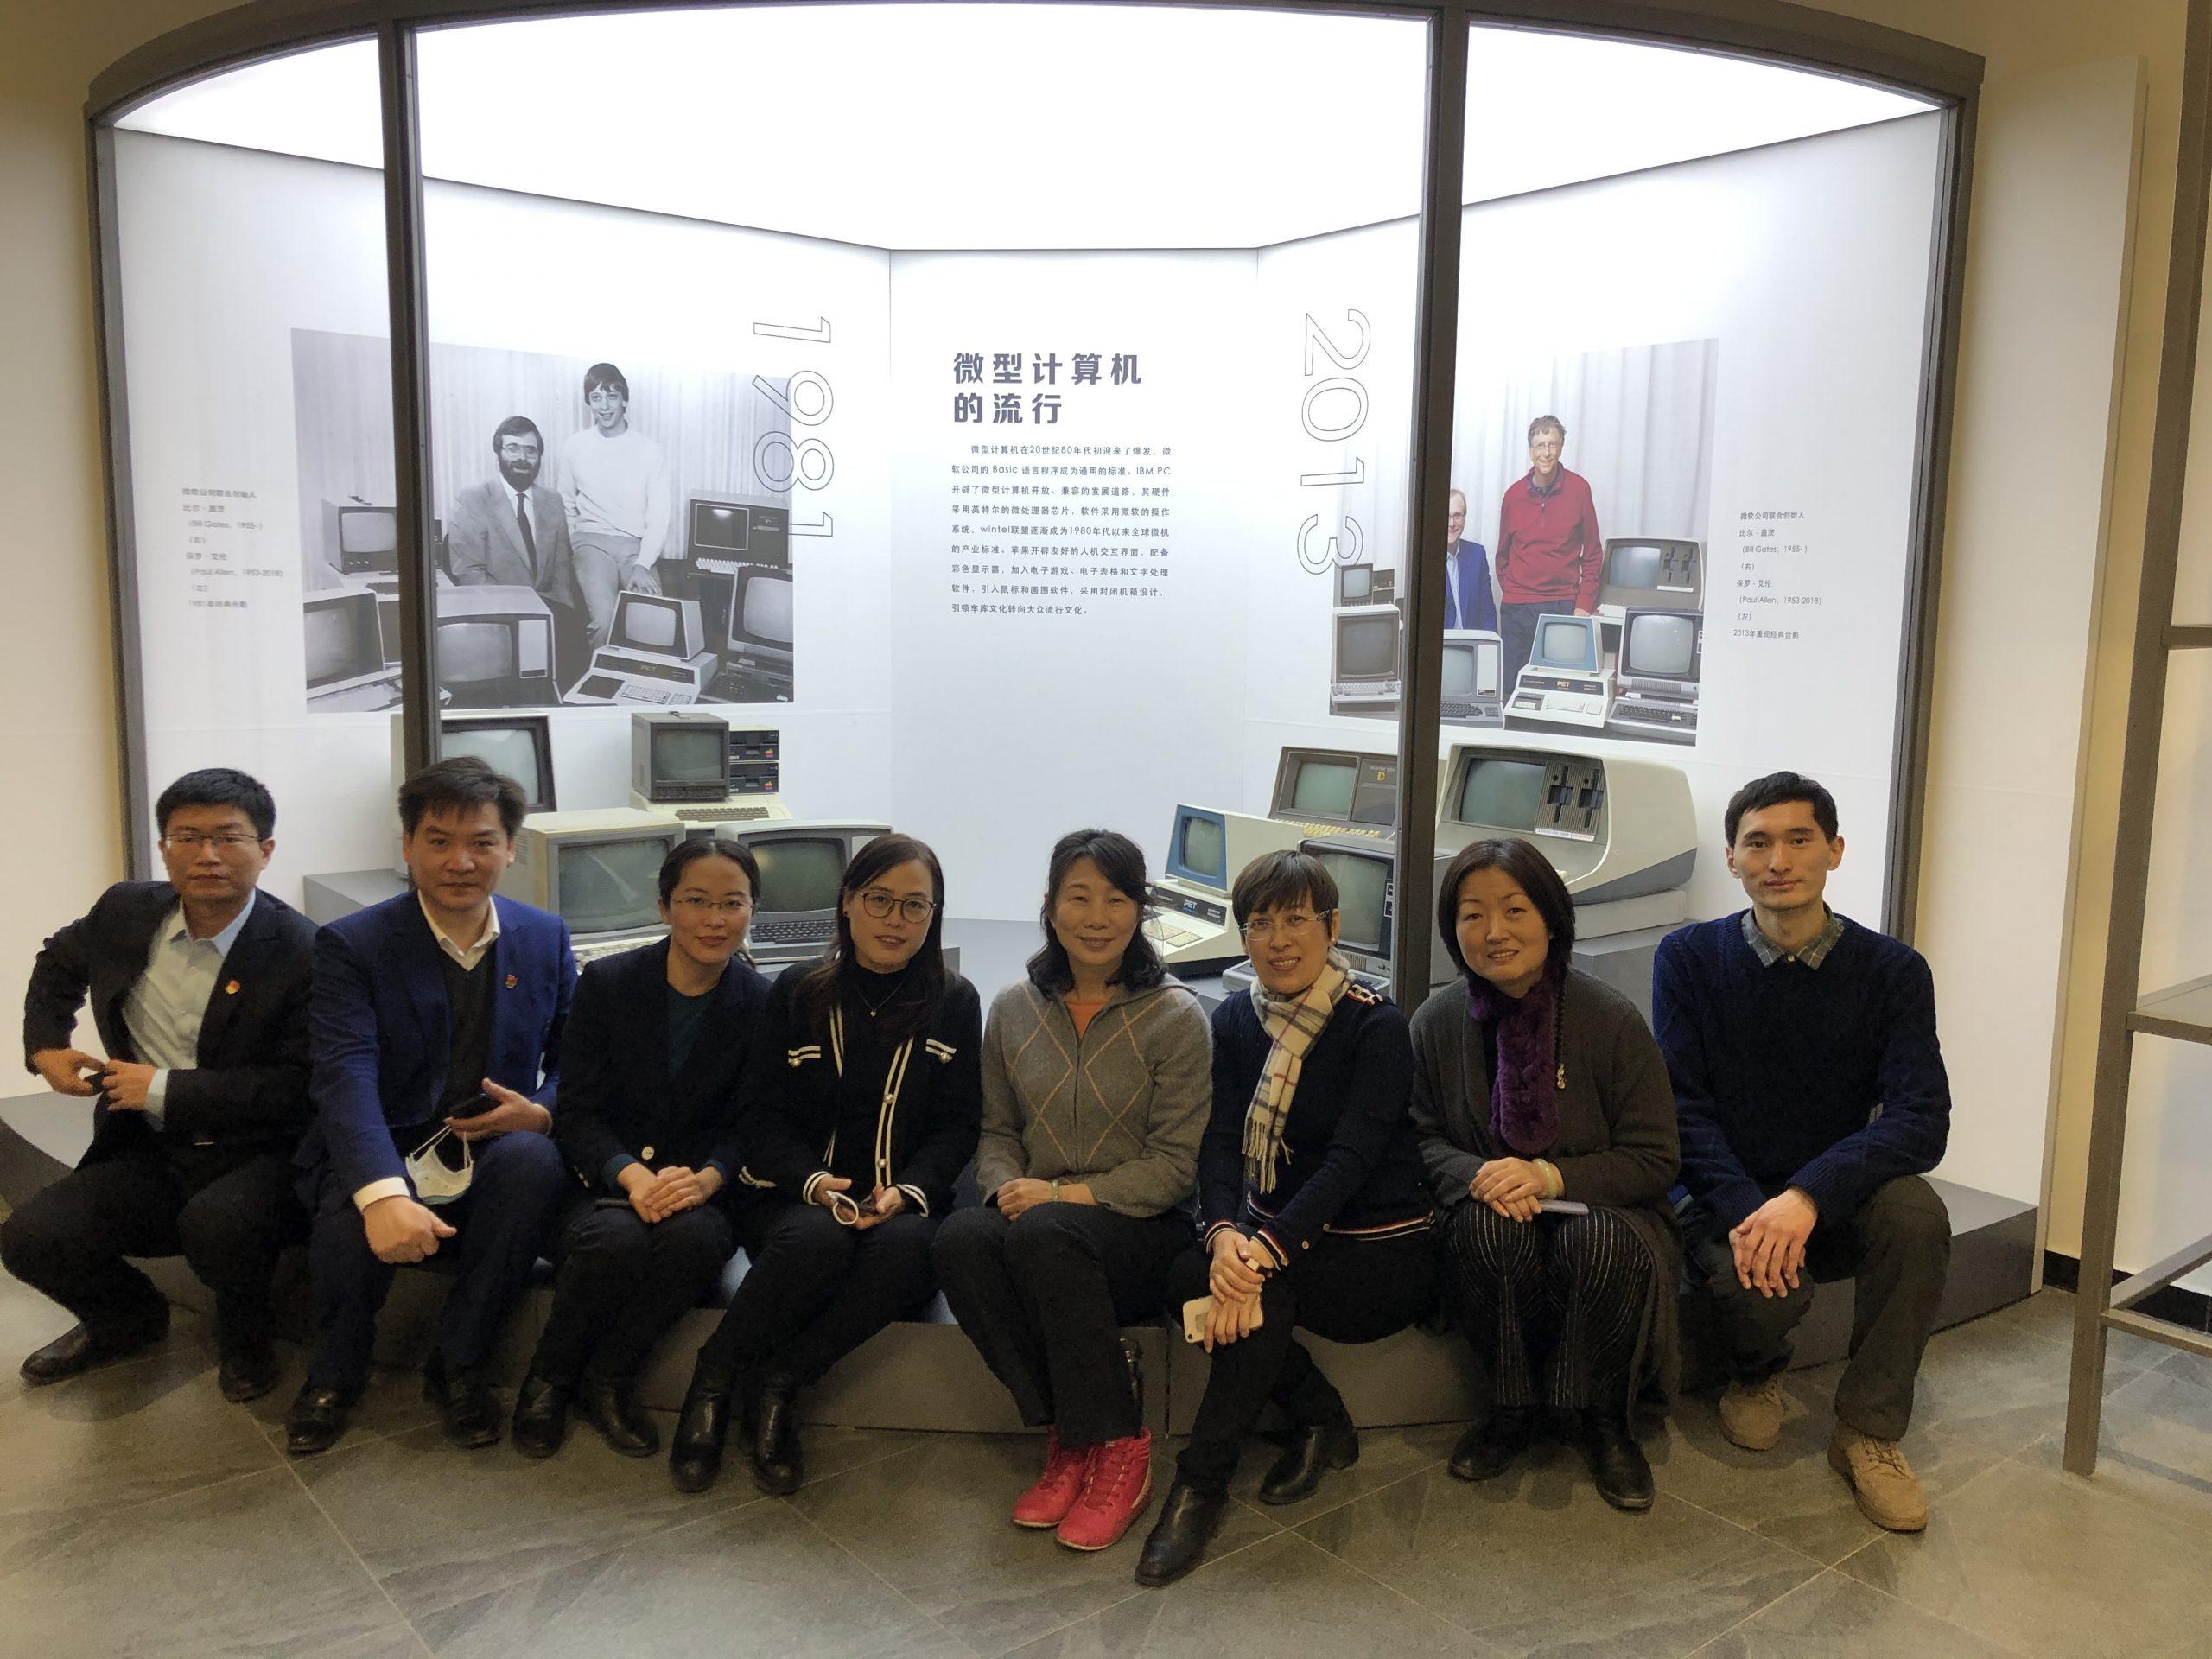 北京汽车博物馆领导一行人参观科学博物馆